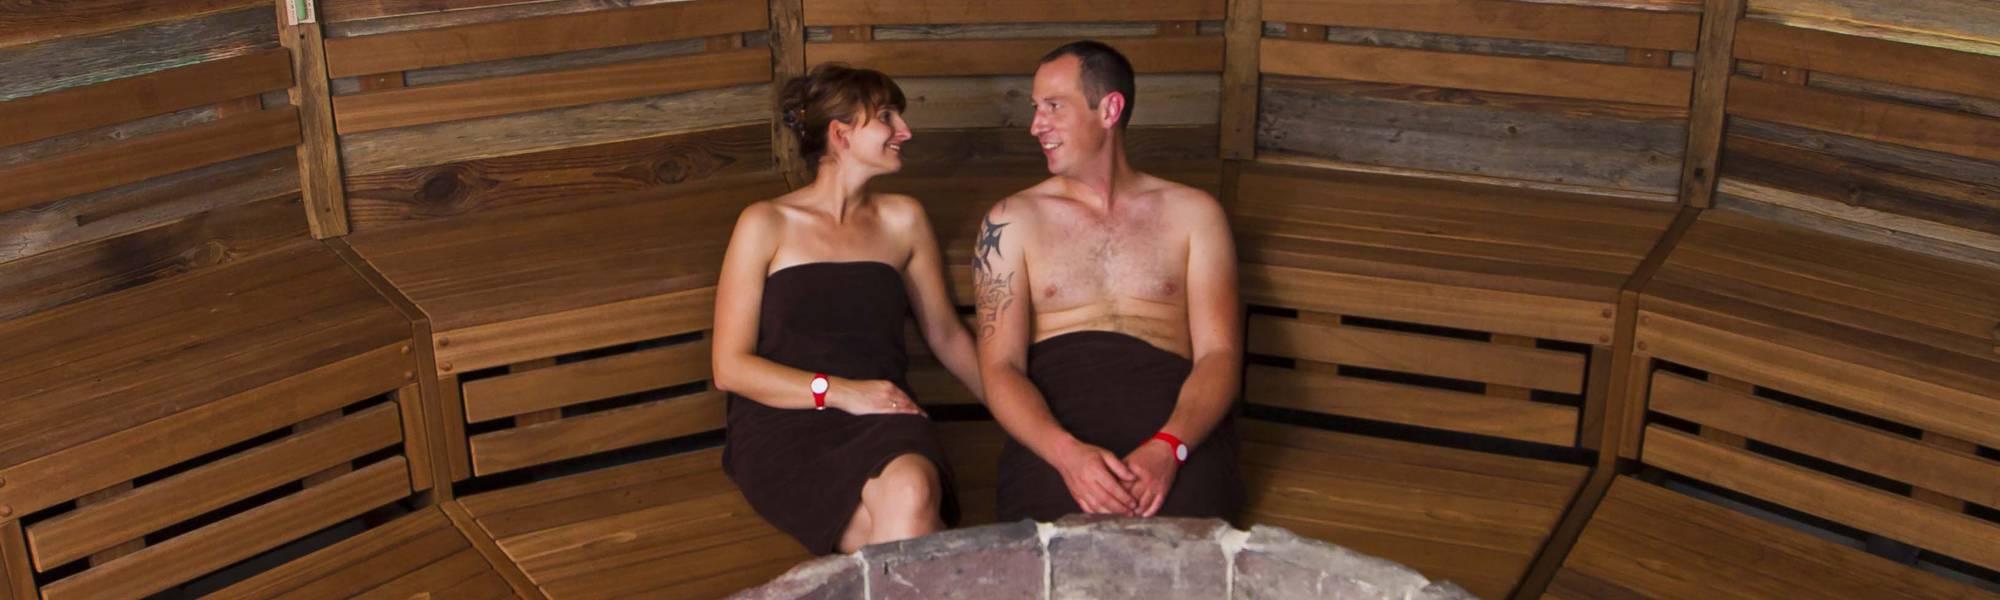 Deich-Sauna in der Sauna-Landschaft des BadeWerk Neuharlingersiel